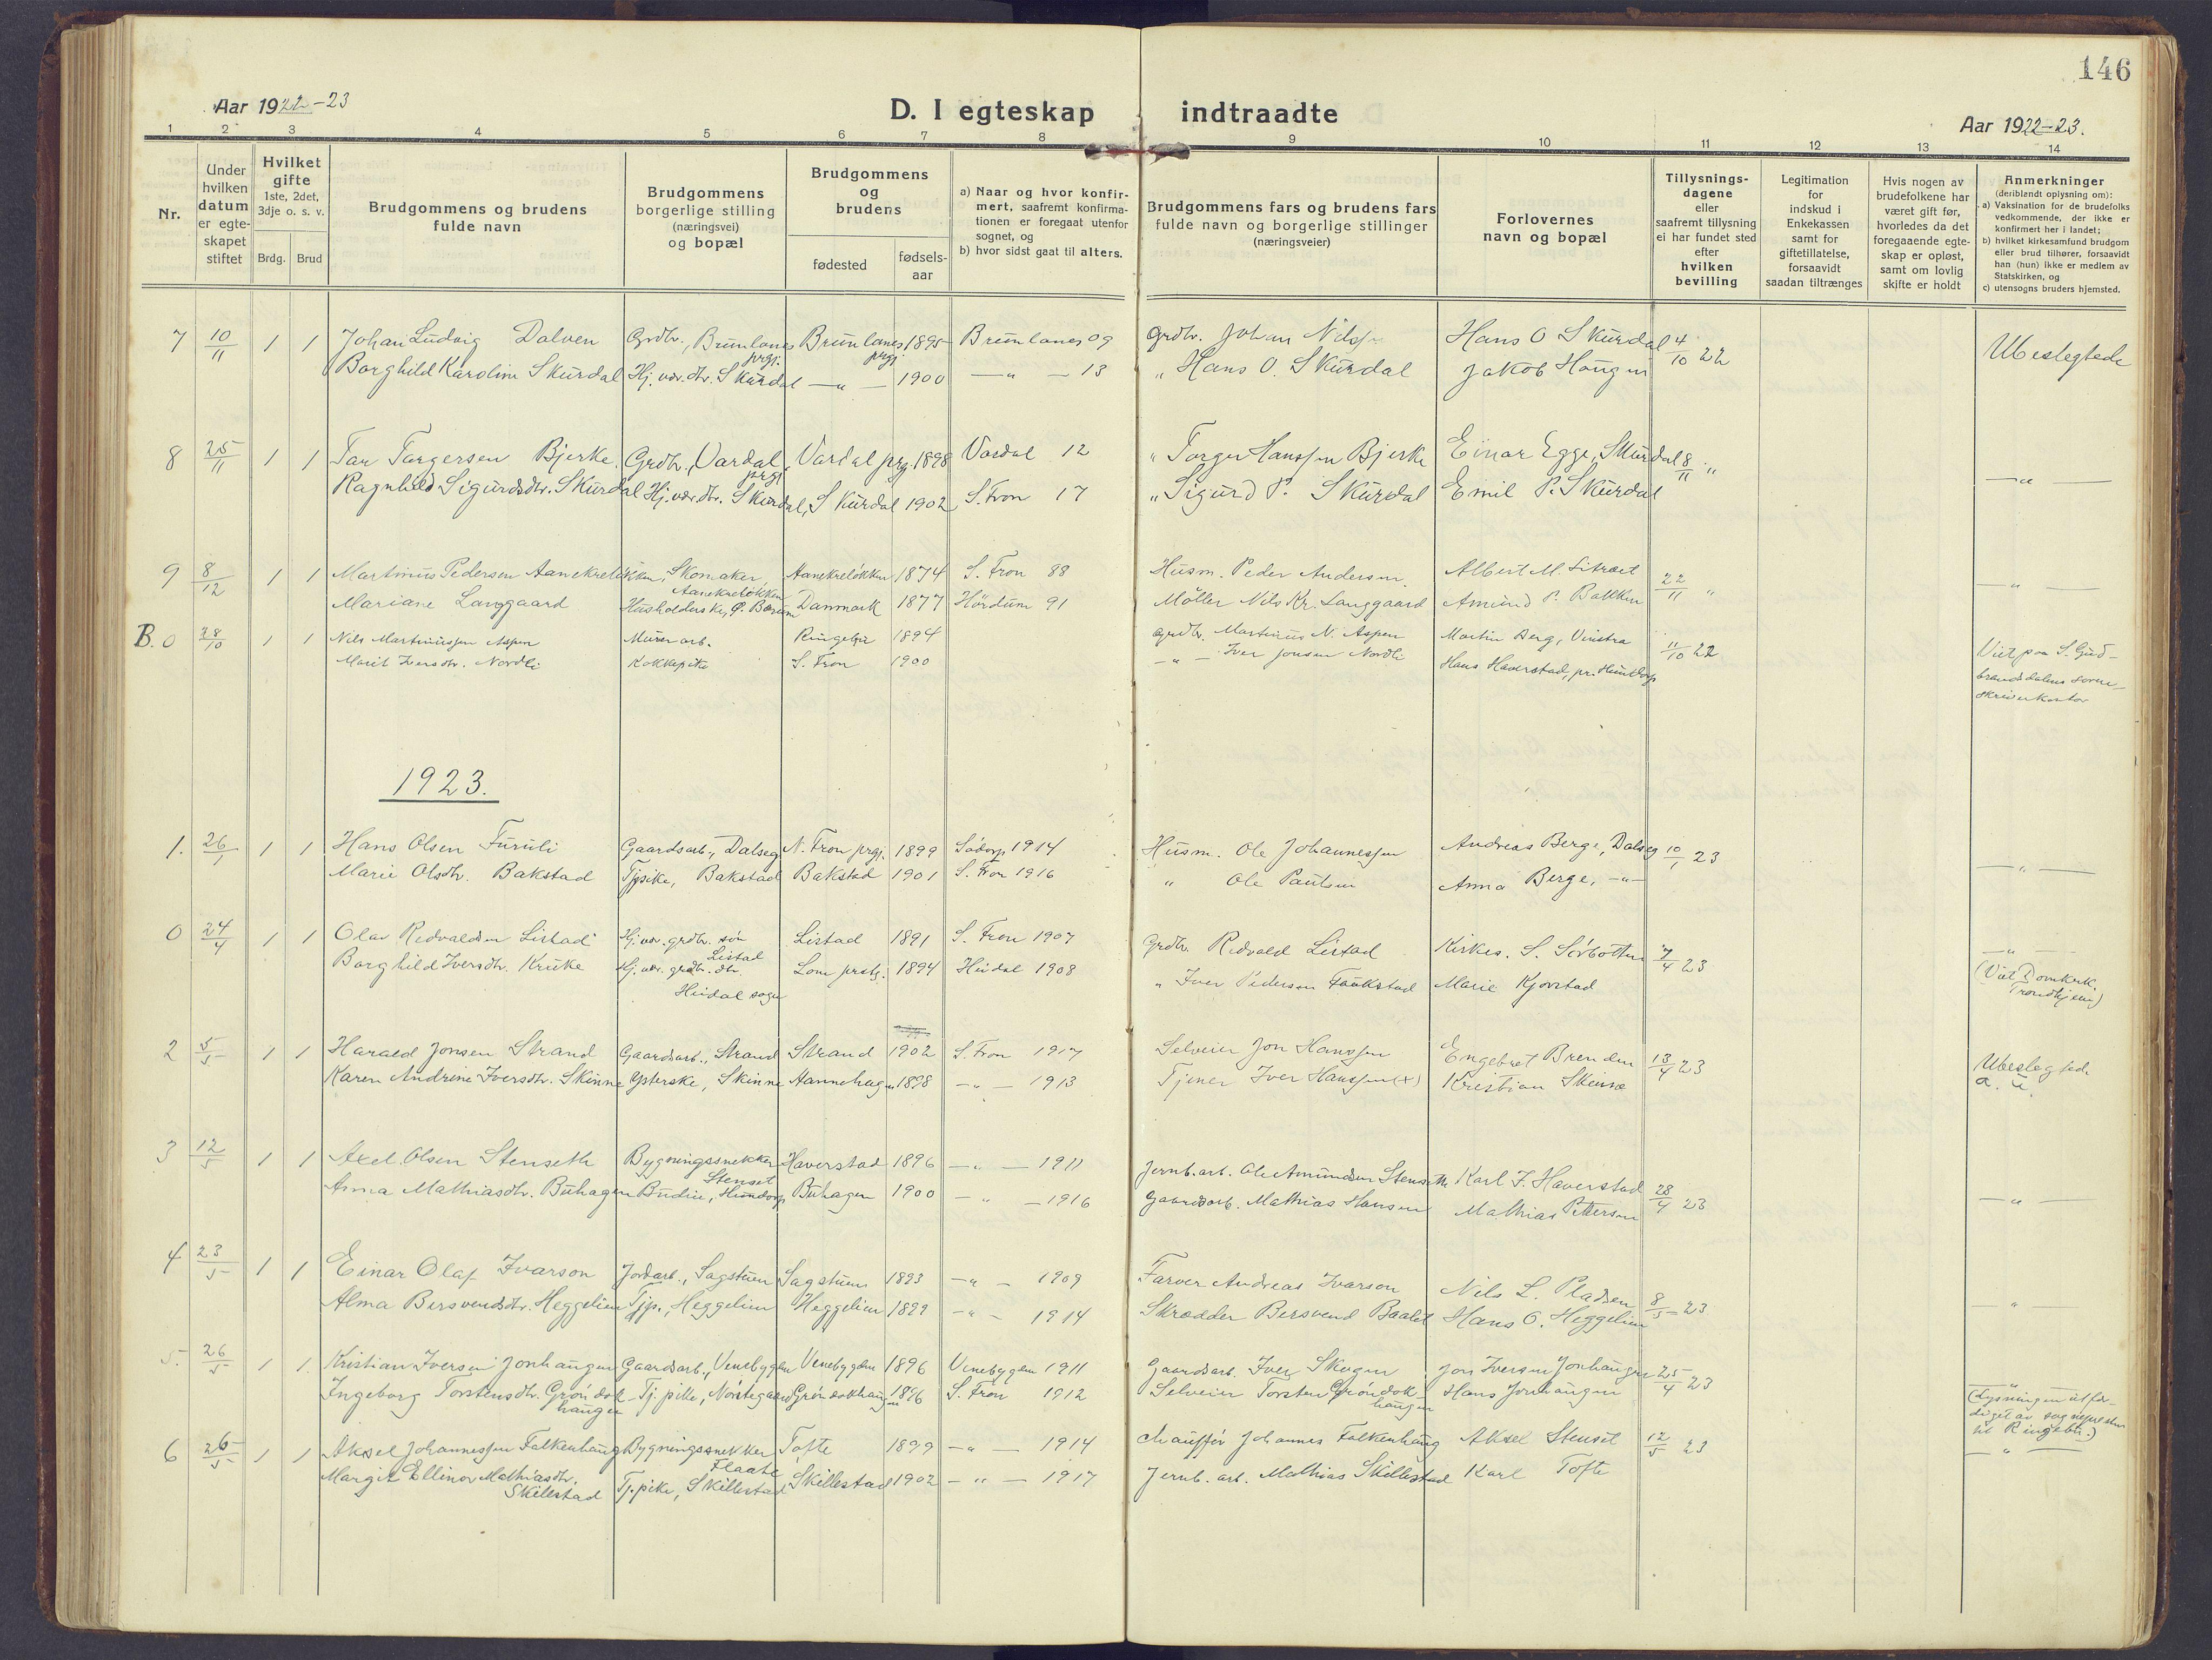 SAH, Sør-Fron prestekontor, H/Ha/Haa/L0005: Ministerialbok nr. 5, 1920-1933, s. 146